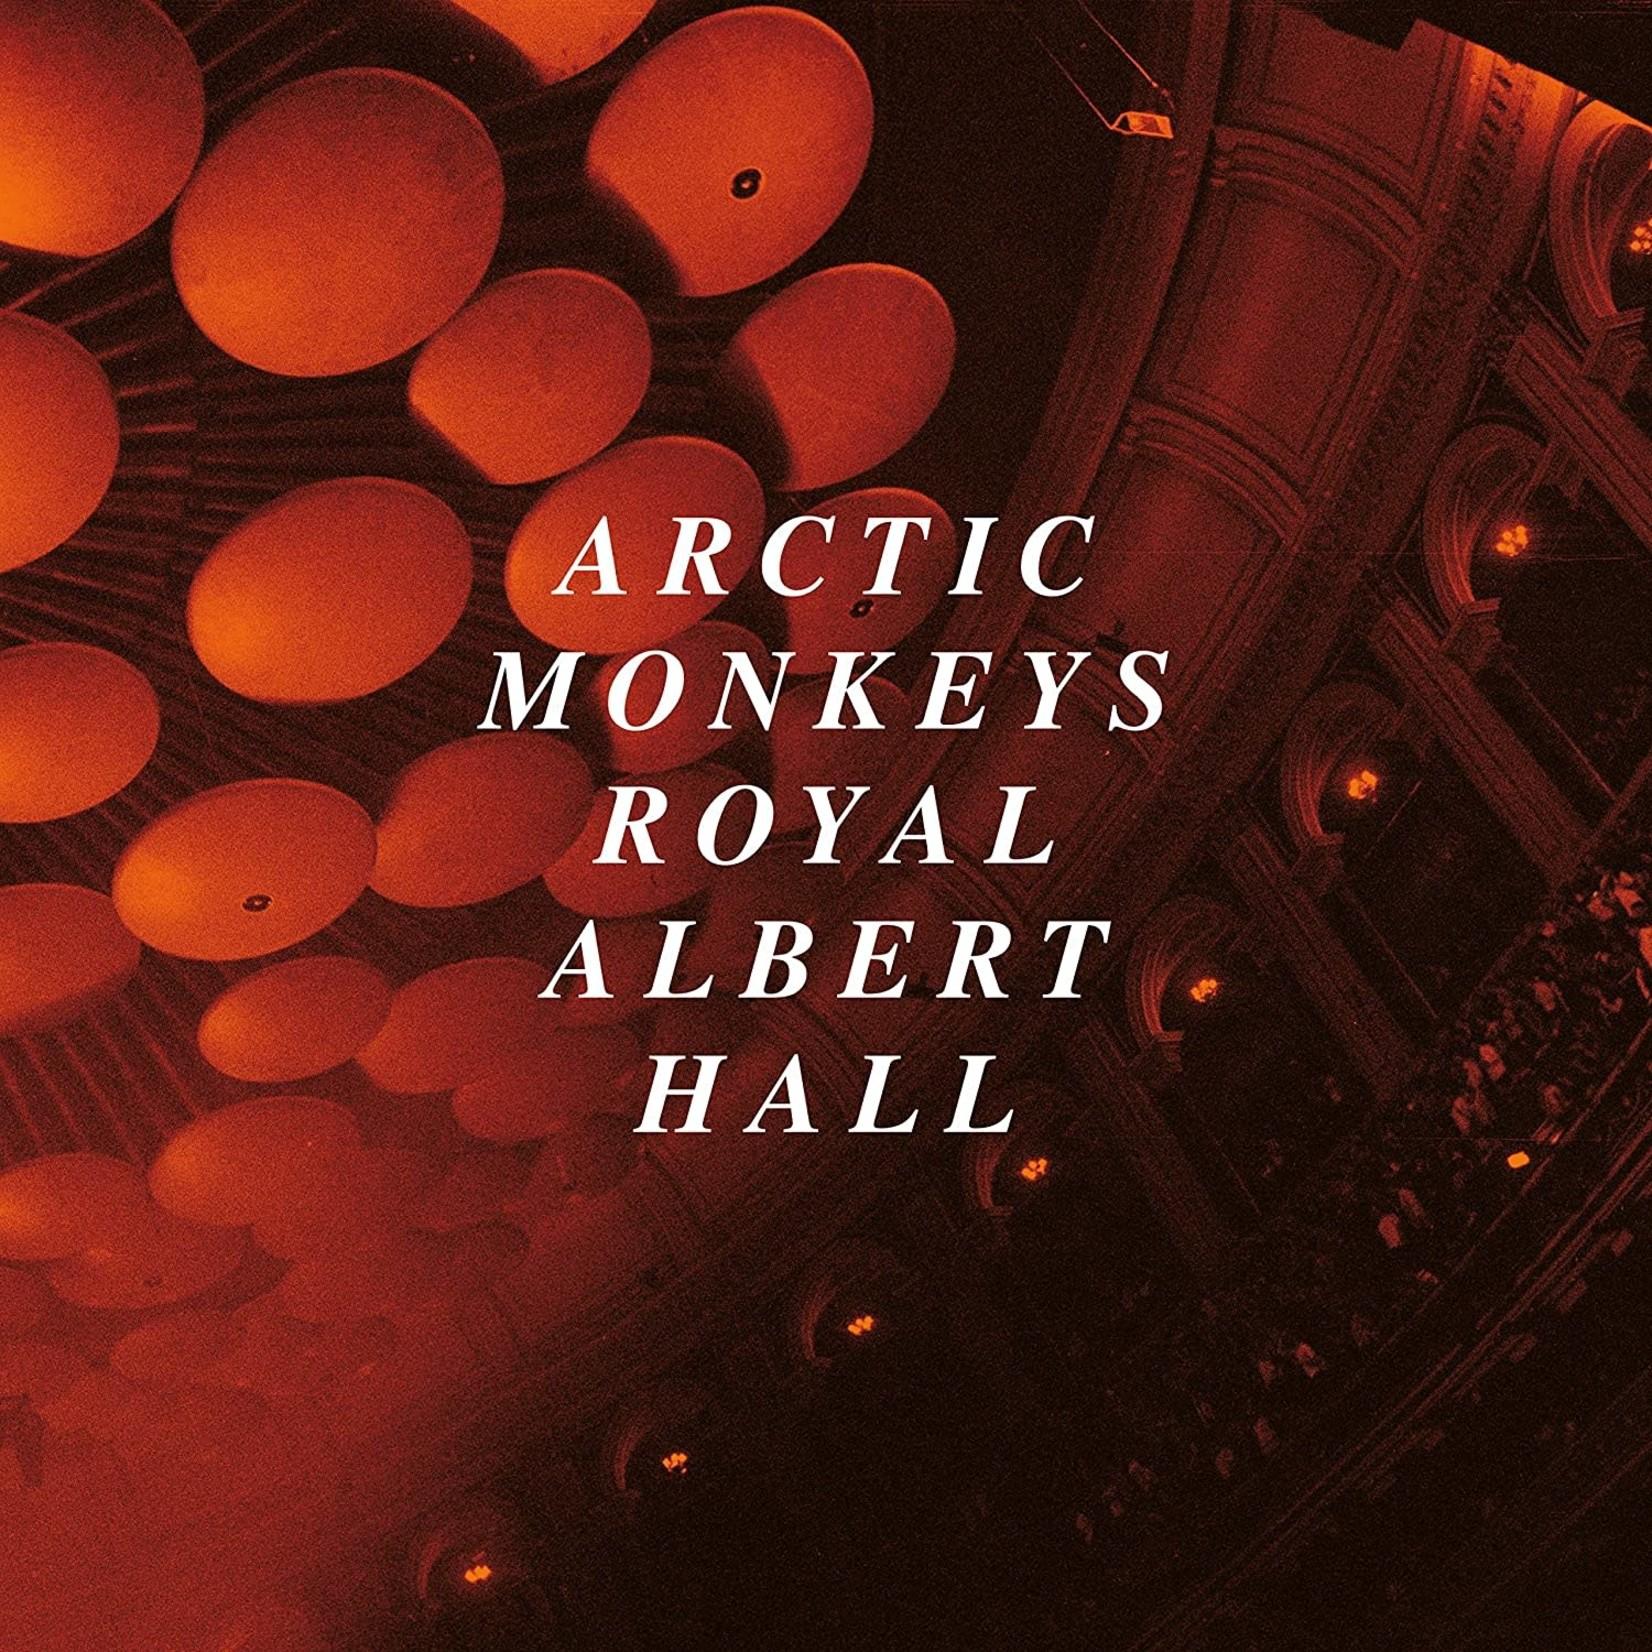 ARCTIC MONKEYS ARCTIC MONKEYS LIVE AT THE ROYAL ALBERT HALL 2LP